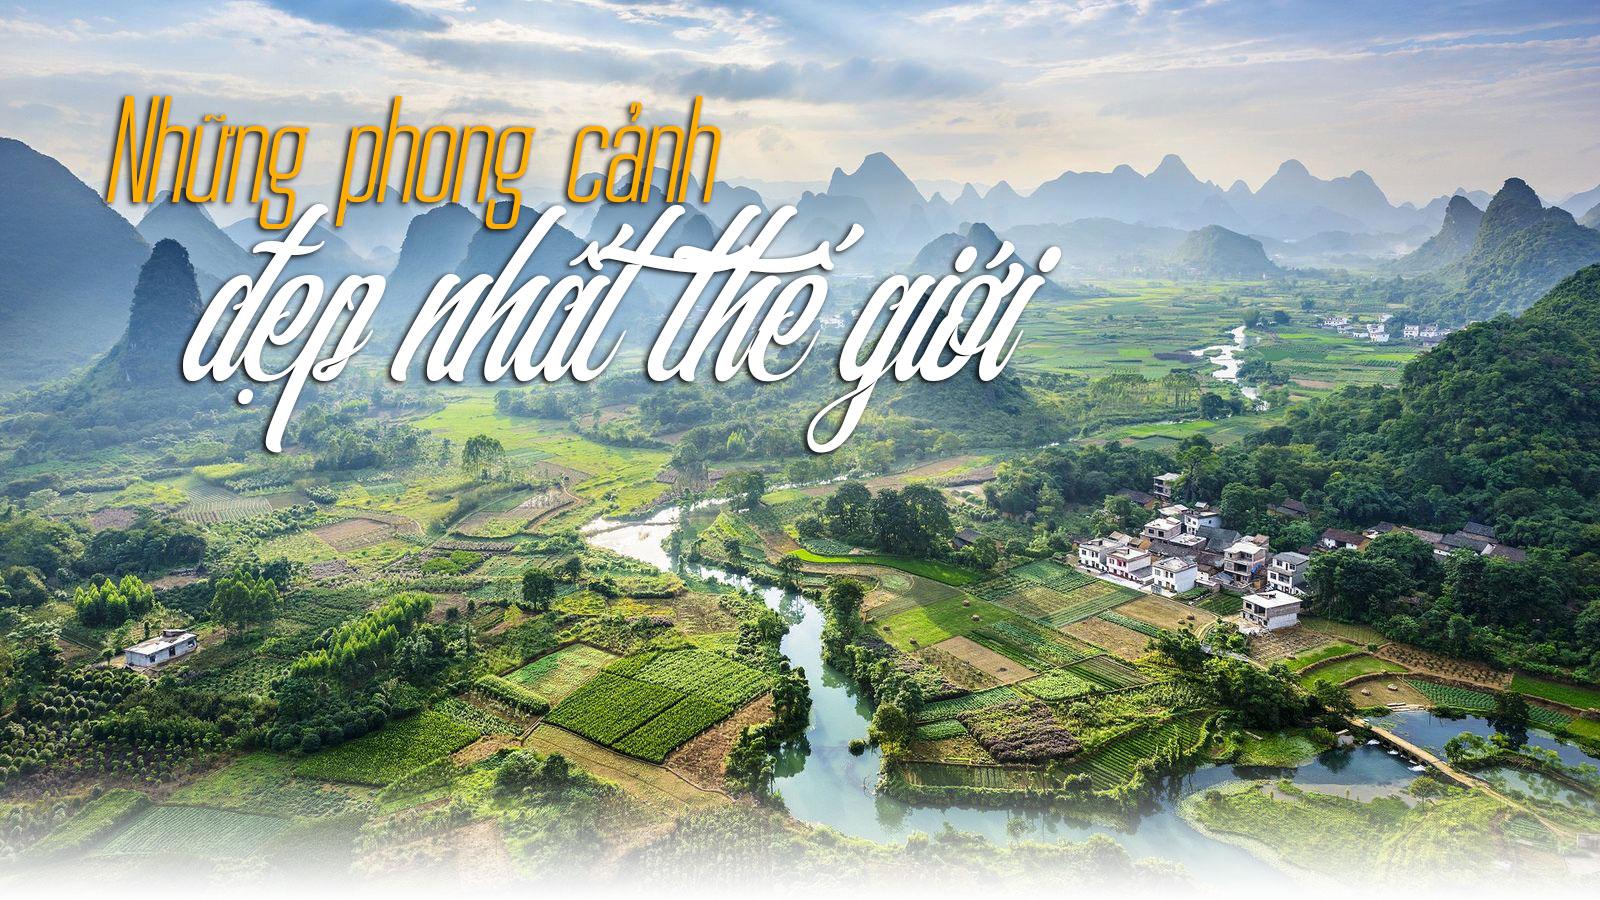 Việt Nam lọt top những phong cảnh đẹp nhất thế giới - 1